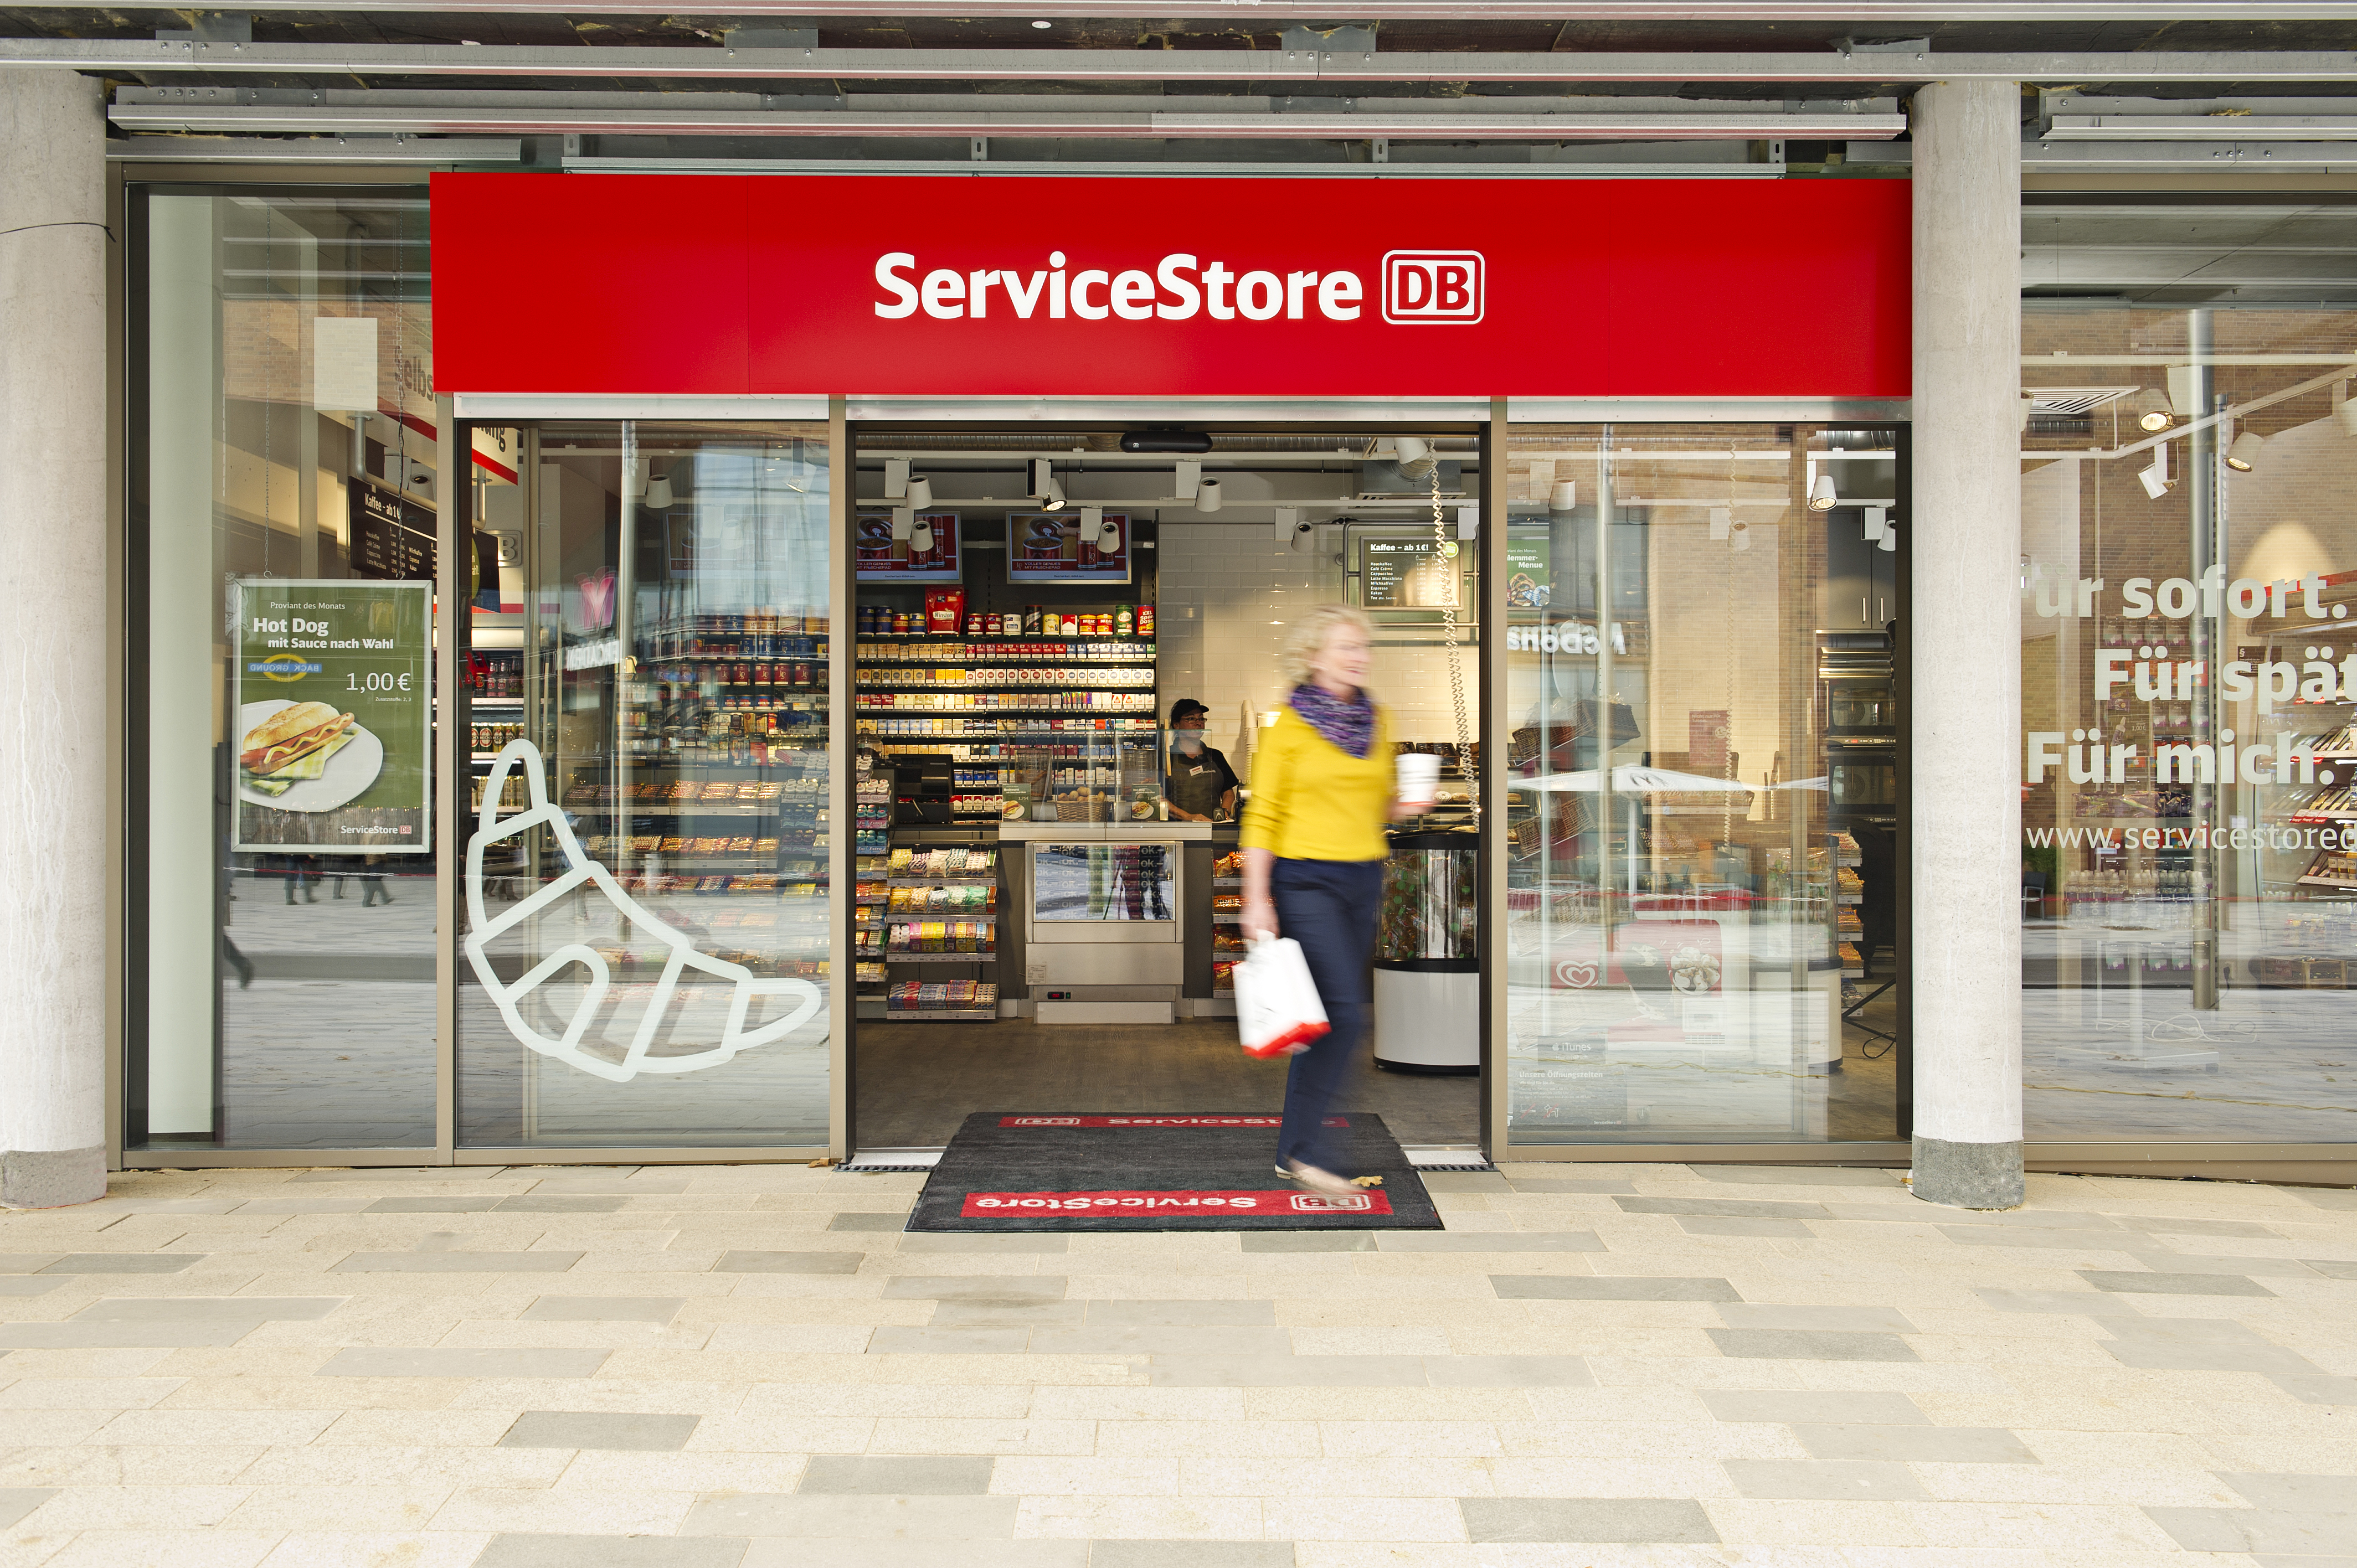 ServiceStore DB - Bahnhof Montabaur